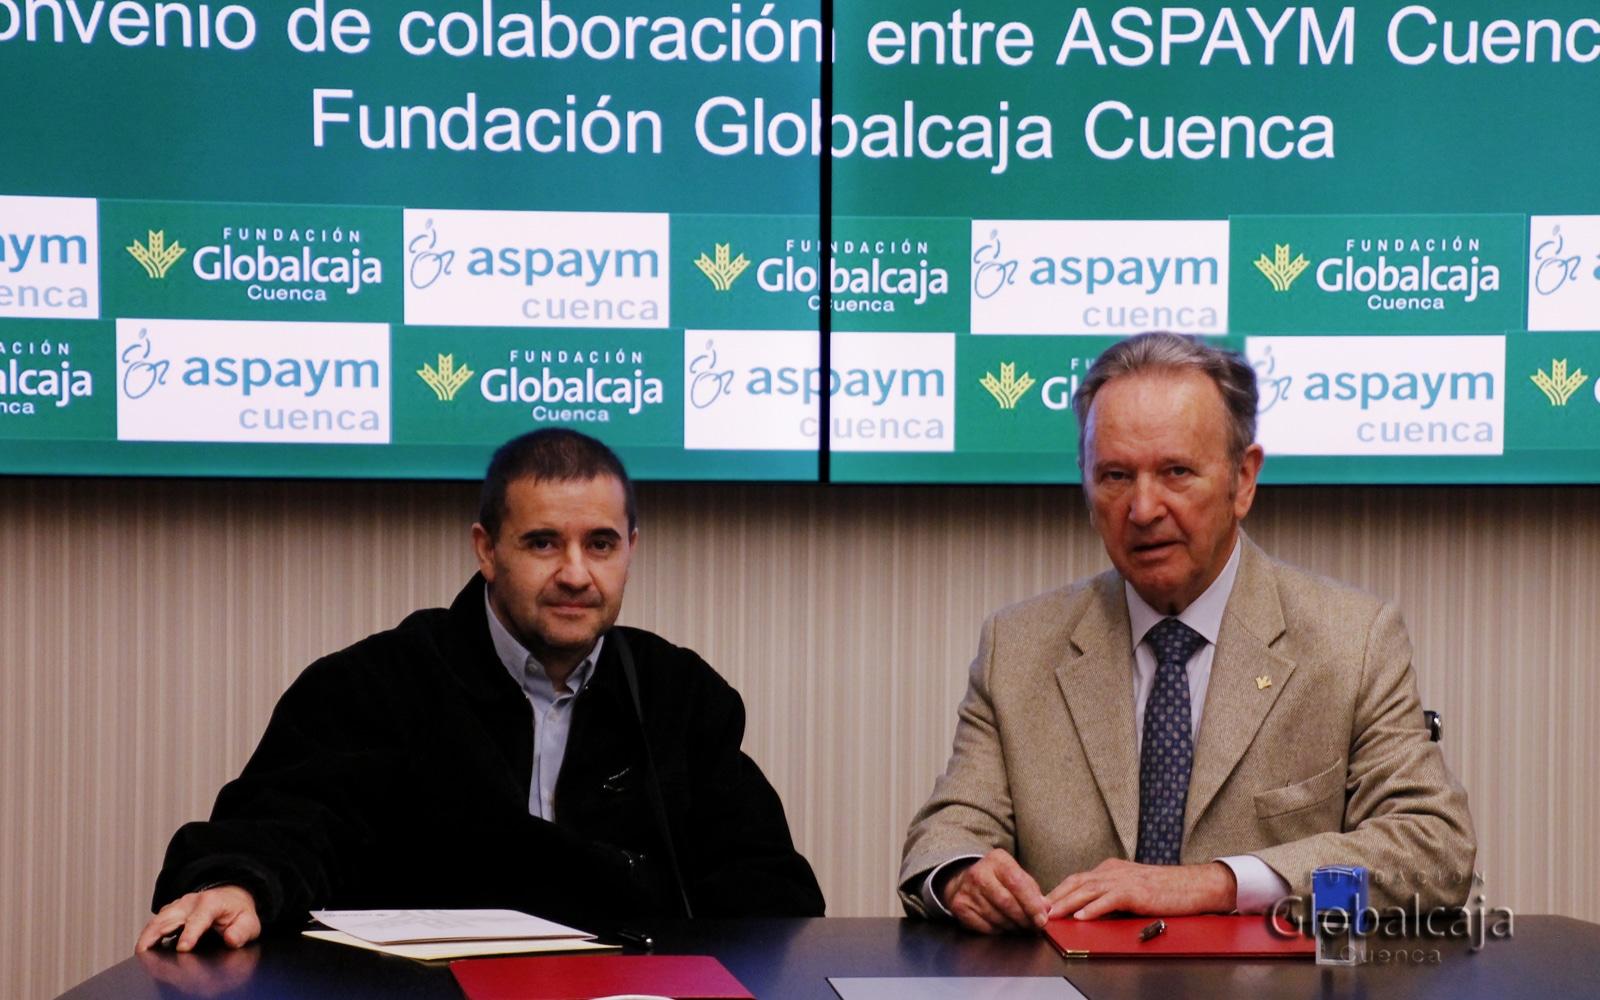 Renovado el convenio de la Fundación Globalcaja con ASPAYM Cuenca